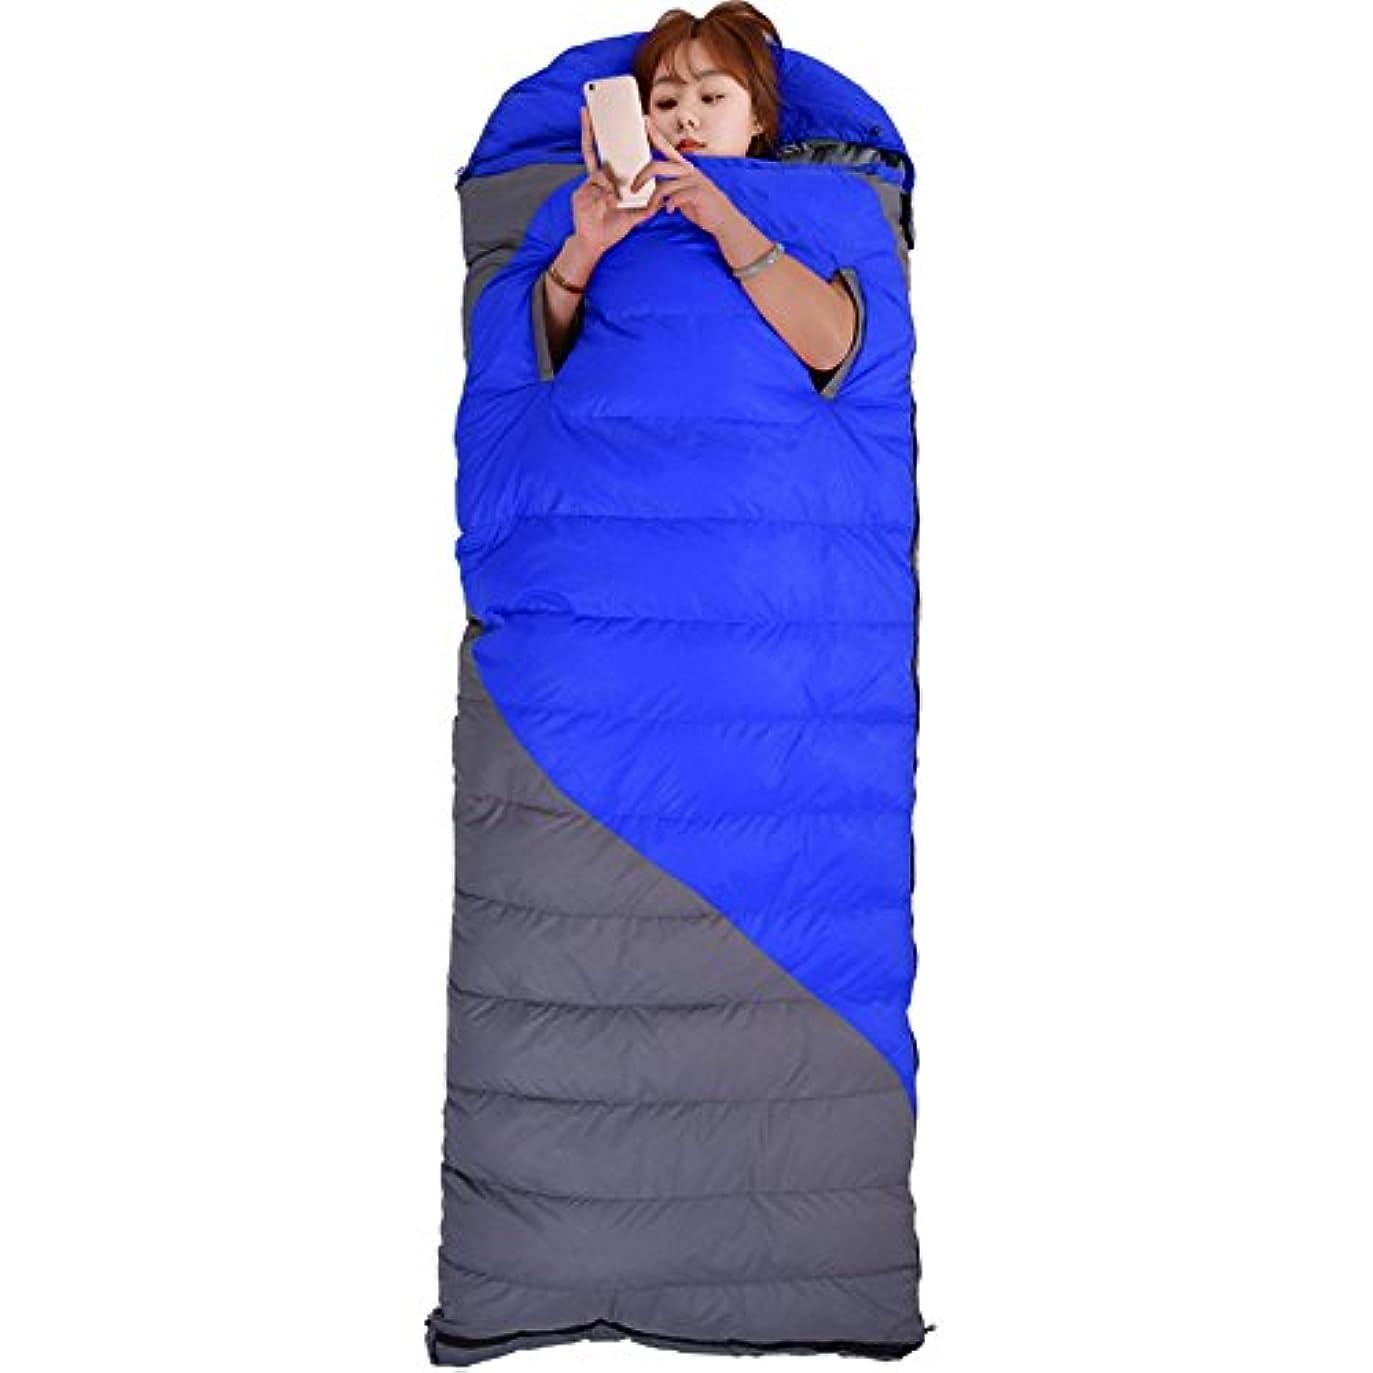 航海のドリンク保存するLJHA shuidai 封筒型寝袋/ダウン寝袋/重厚/アウトドア キャンプ ハイキング 長方形 圧縮袋付き寝袋 (21580cm)